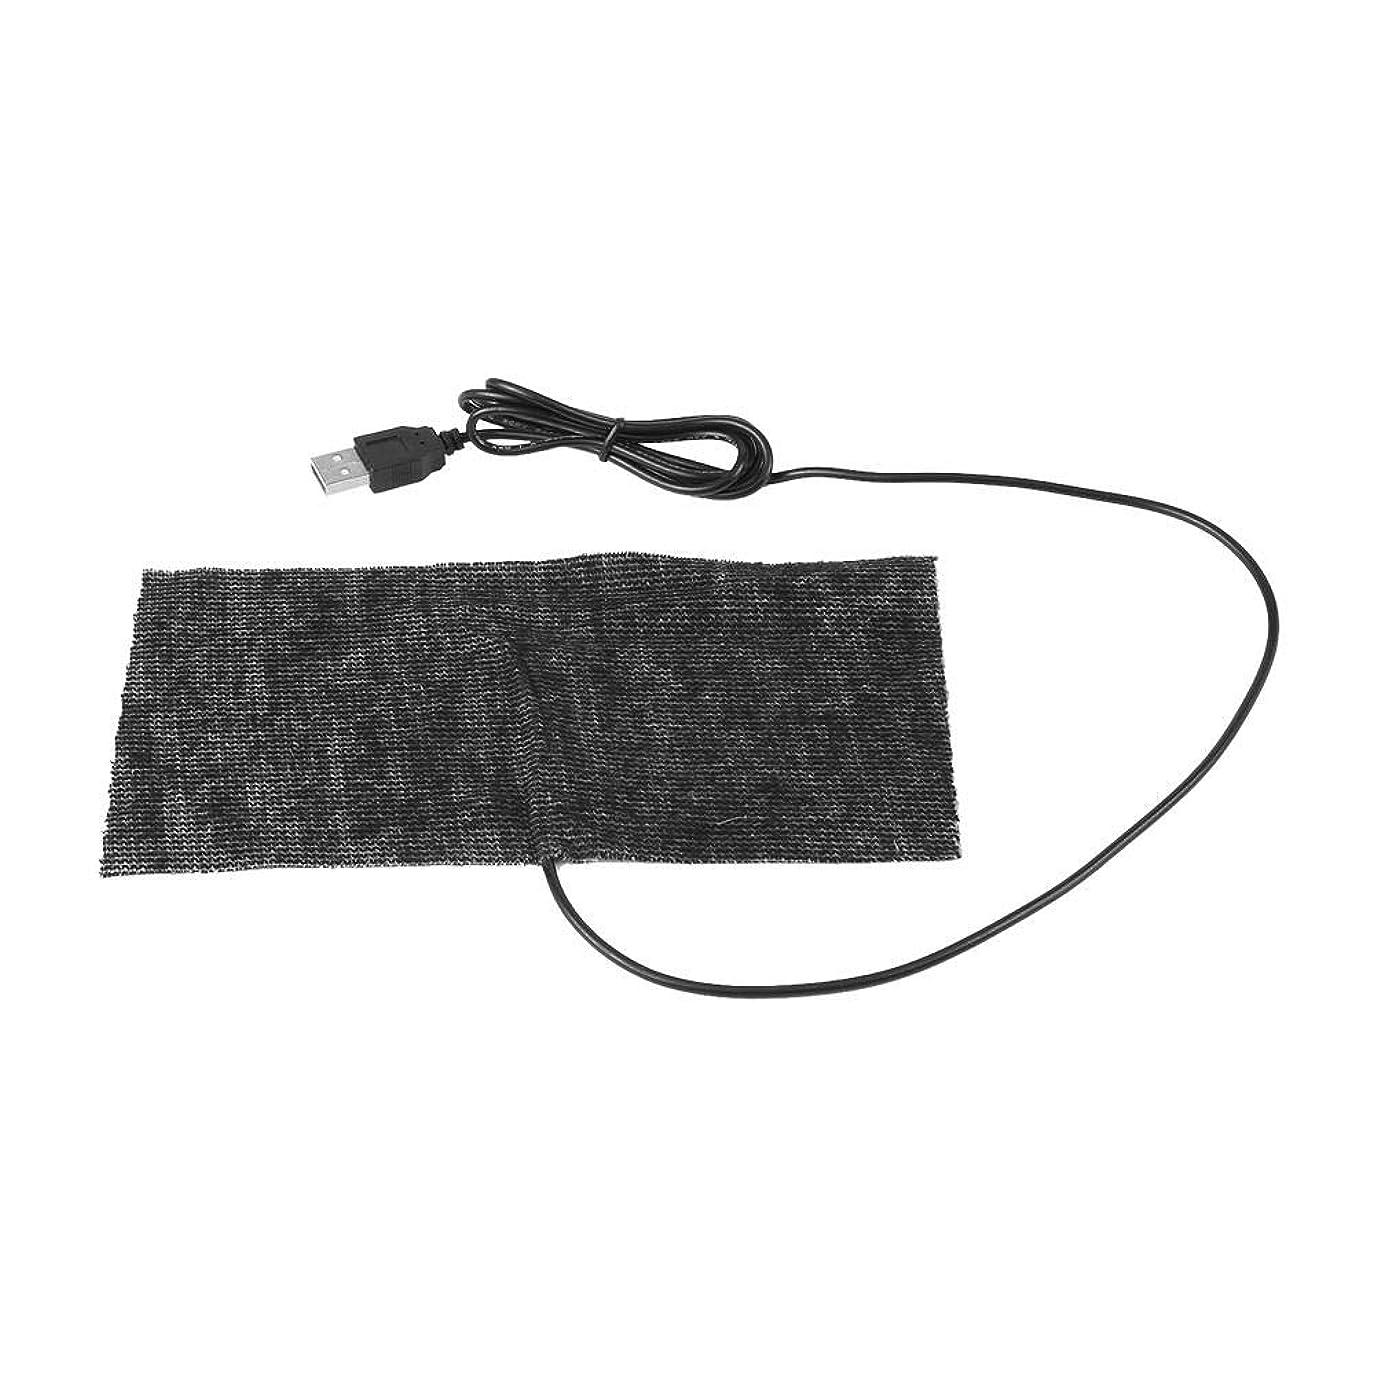 部族フレームワークわずかなUSBカーボンファイバーヒーターマット20×10cm暖かい毛布マウスパッド1個PCSブラック5V